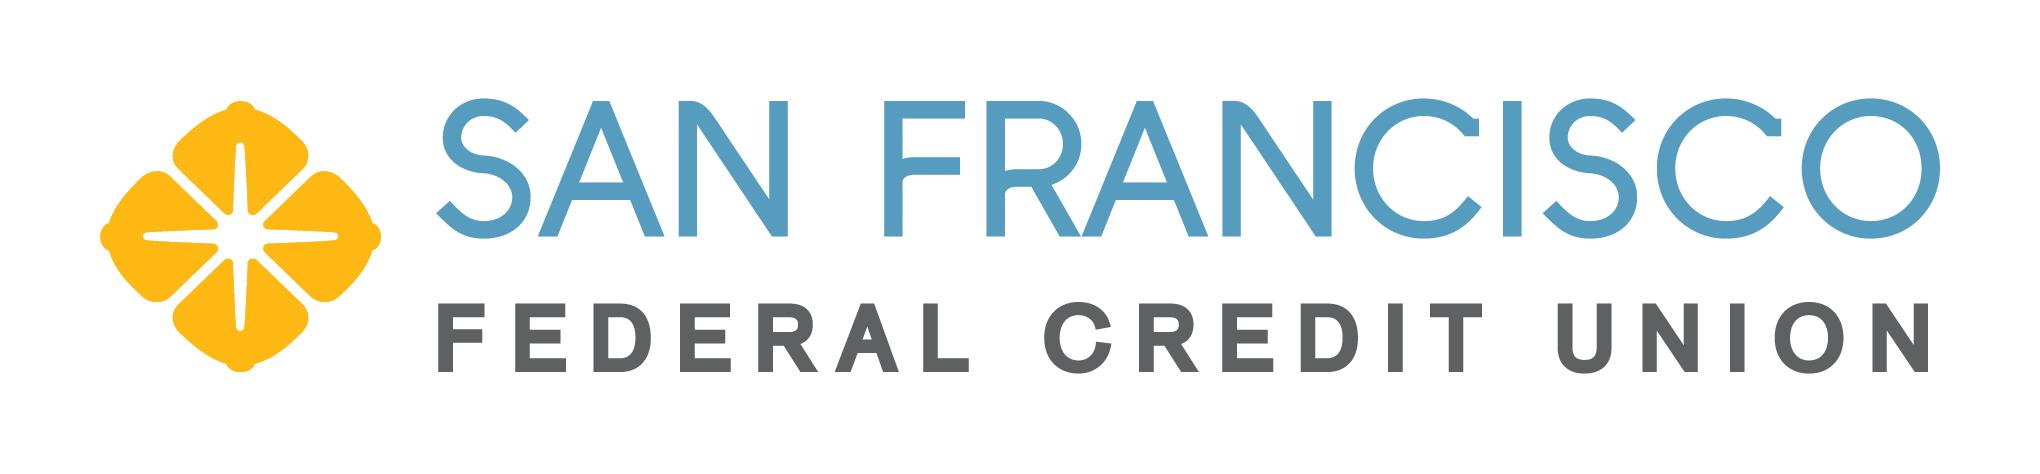 San Francisco Federal Credit Union Logo